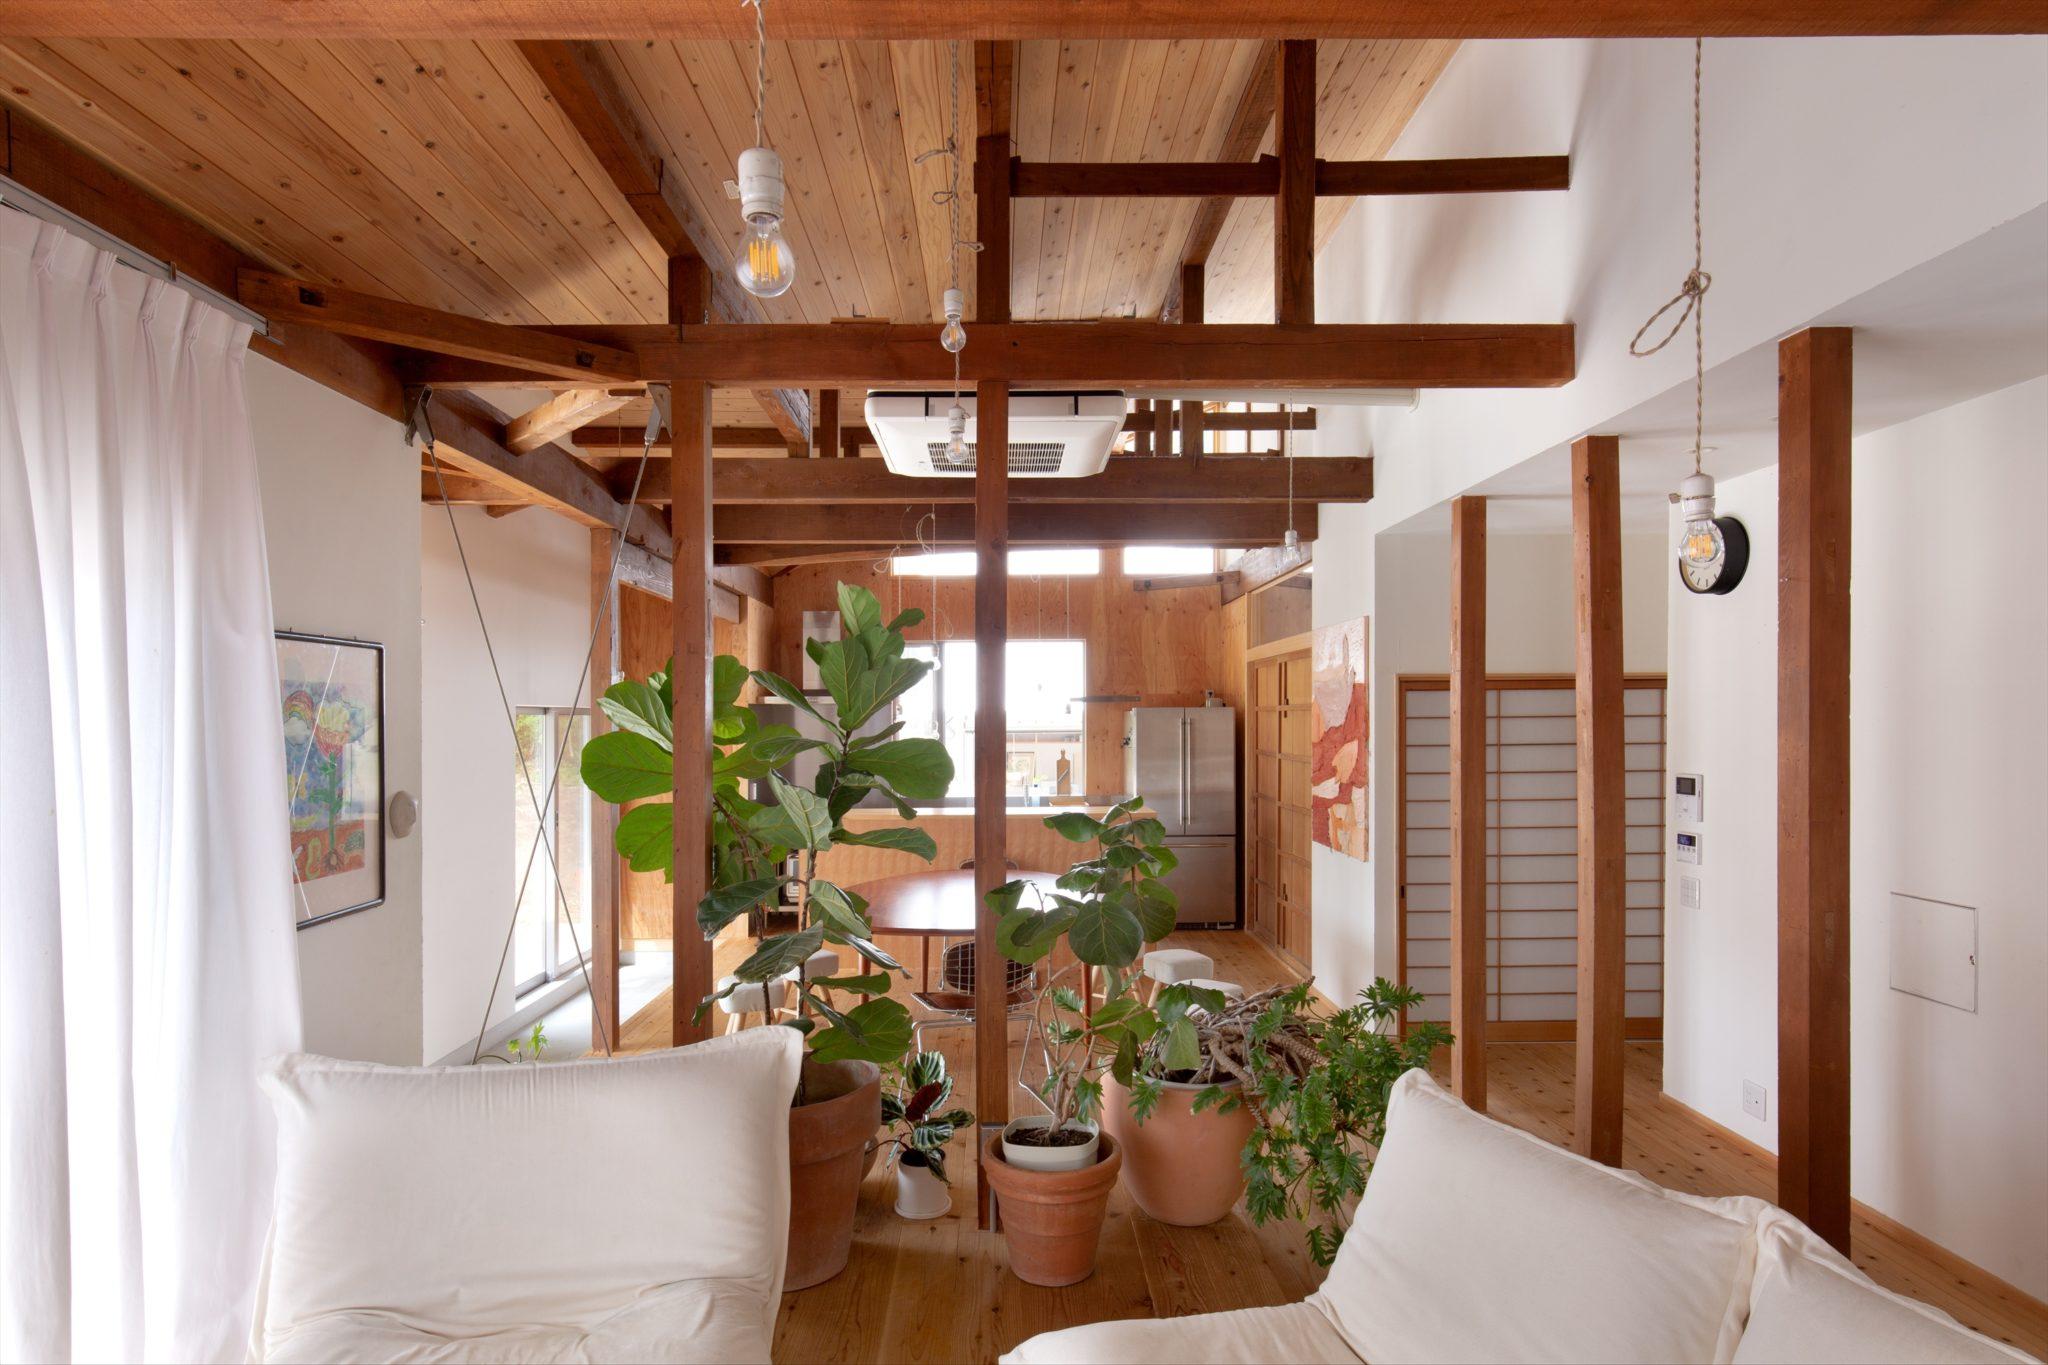 居間からダイニング・キッチンを見る。 構造材あらわし+天井は杉板張り。